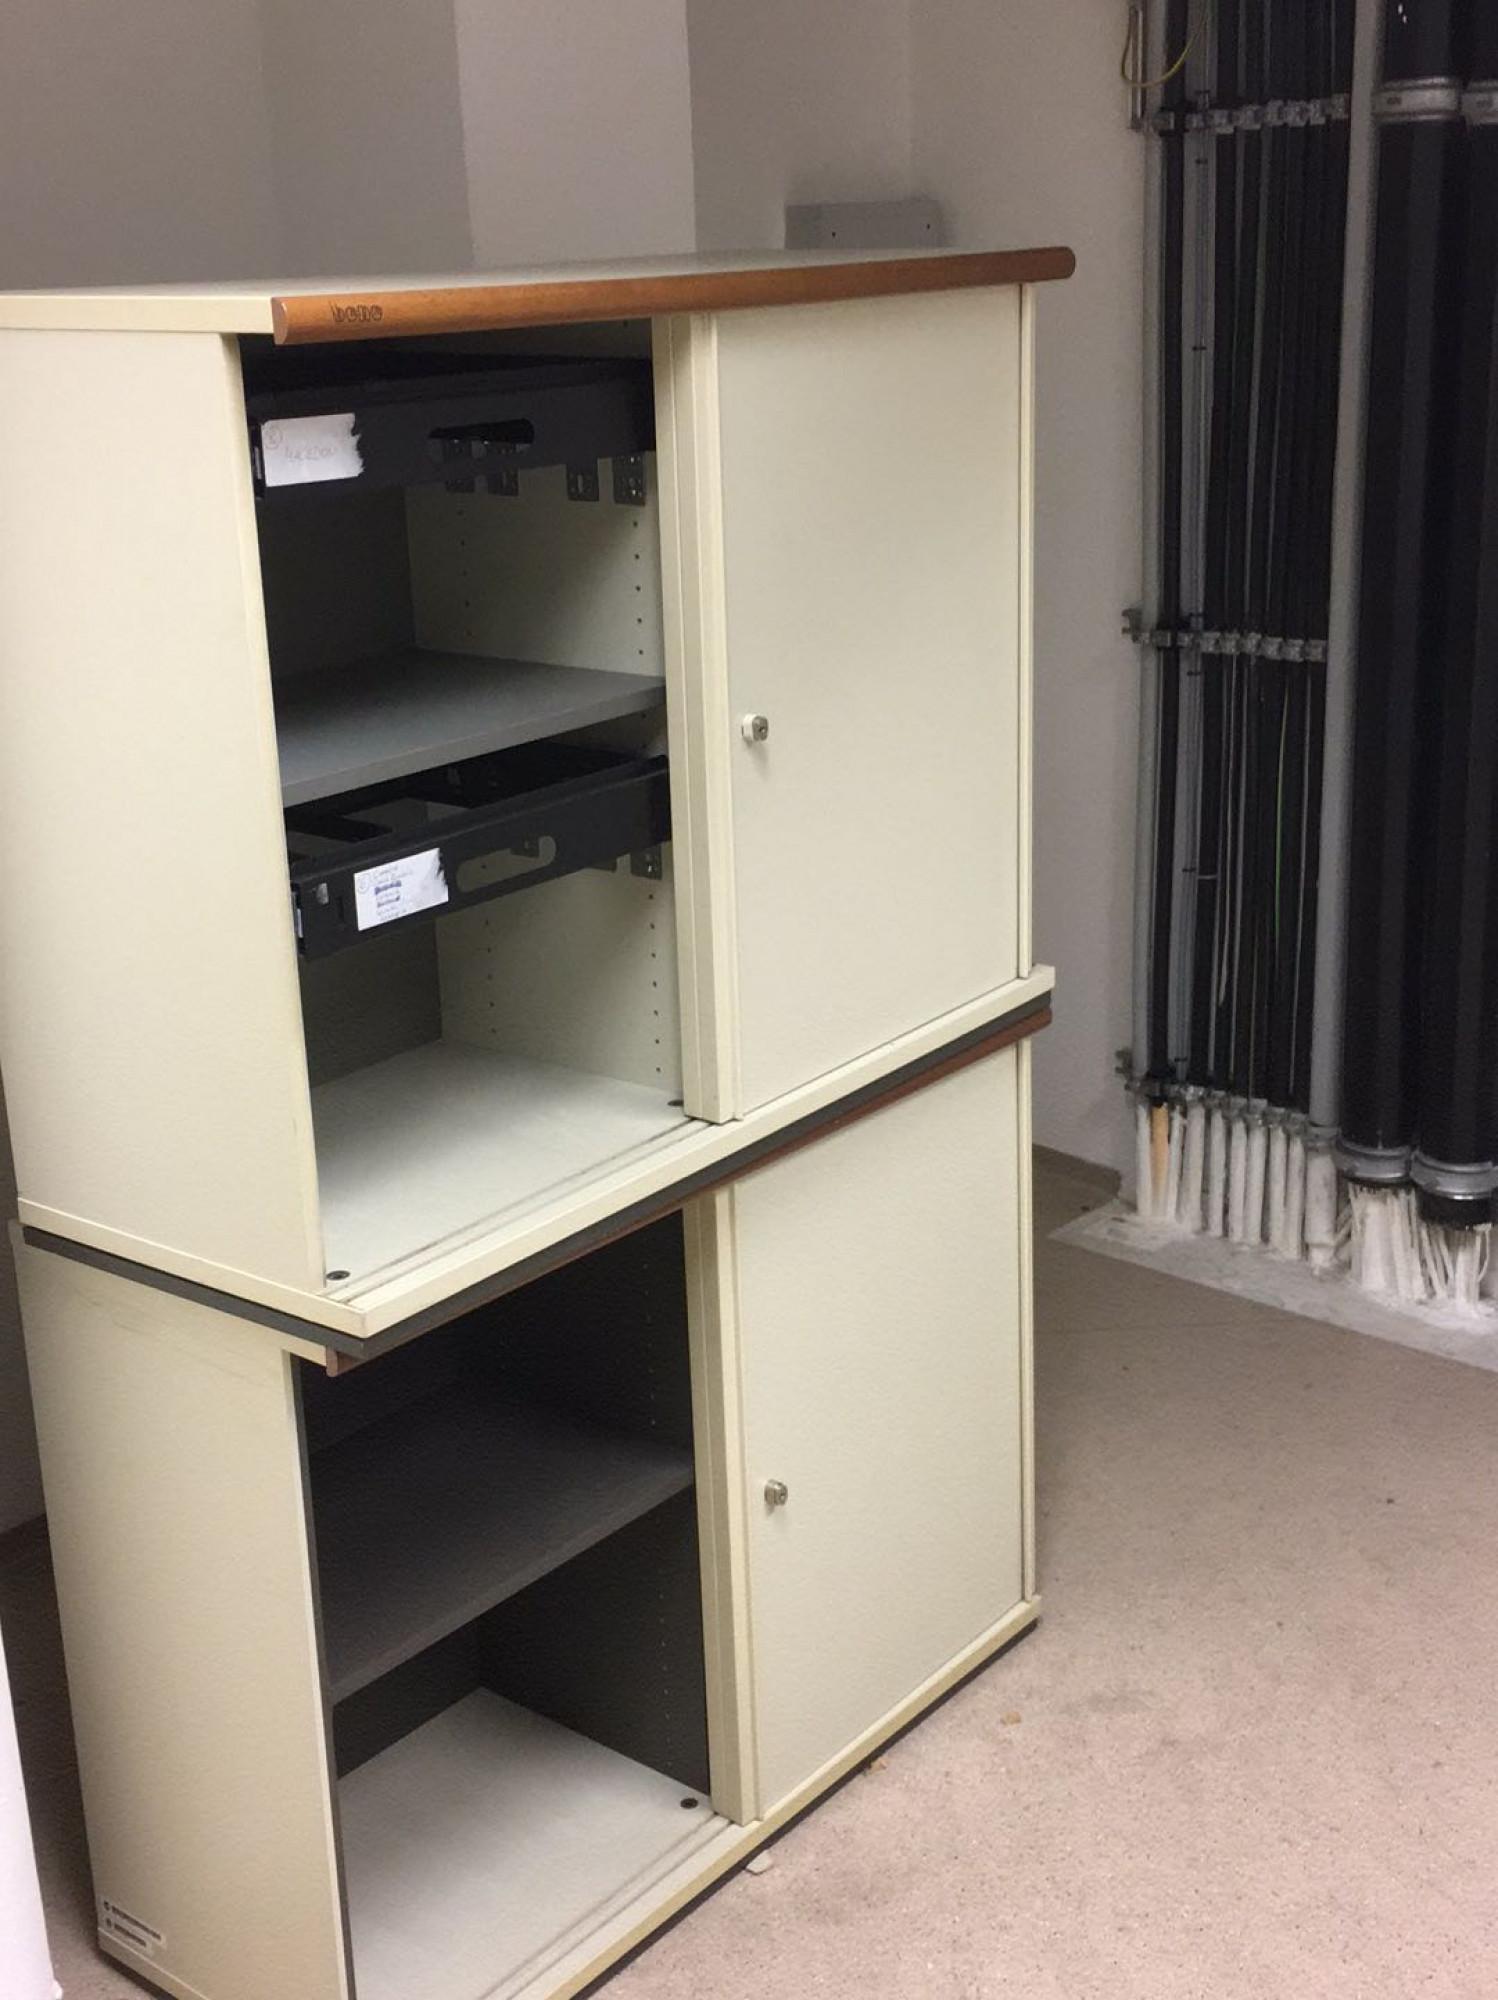 Ziemlich Versteigerung Büromöbel Ideen - Schlafzimmer Ideen ...